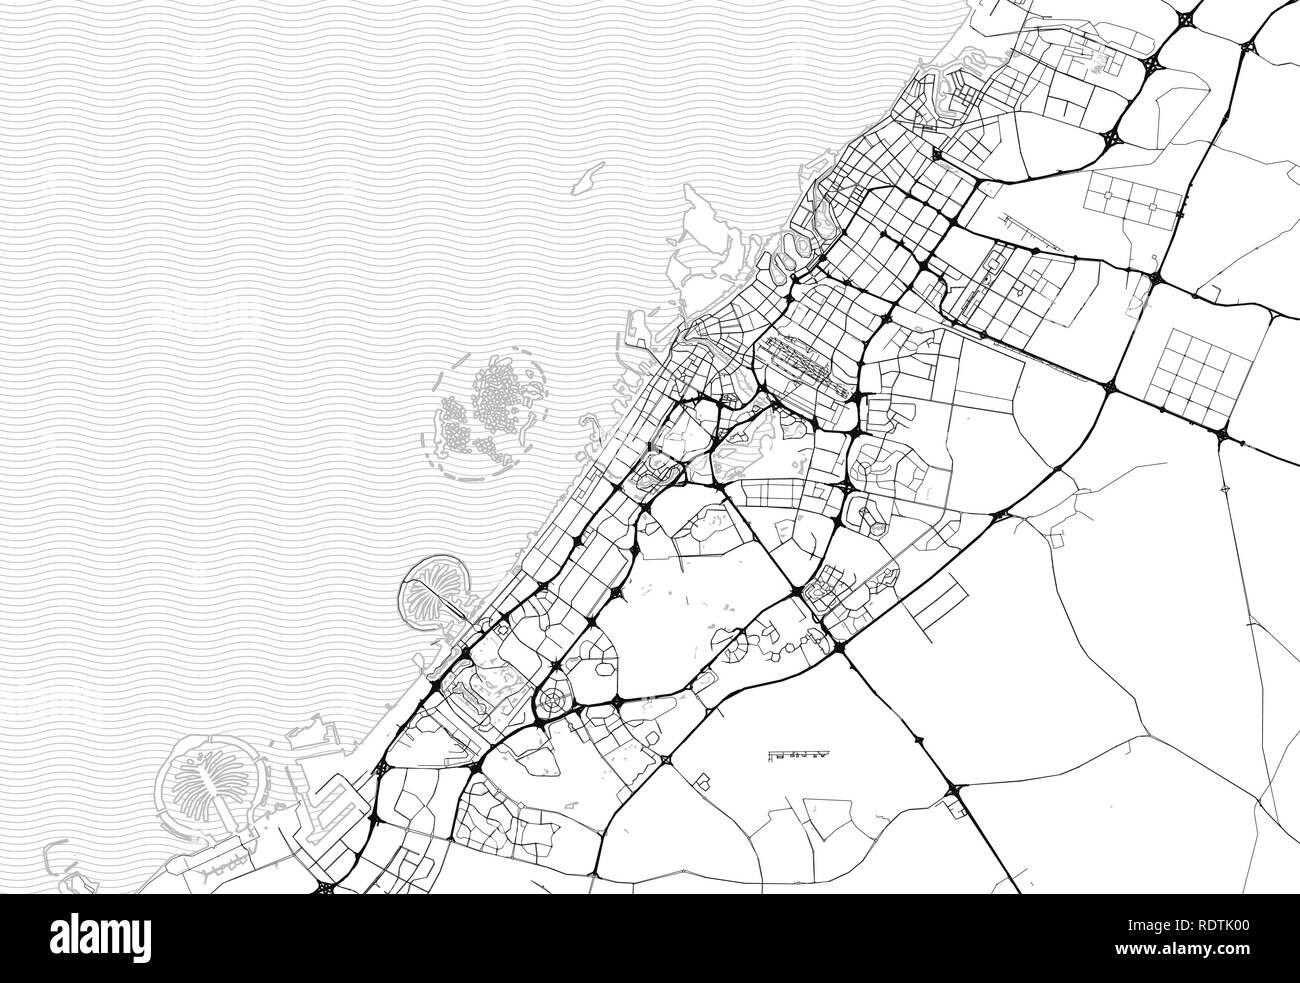 Area map of Dubai, United Arab Emirates. This artmap of Dubai ... Dubai Geography Map on